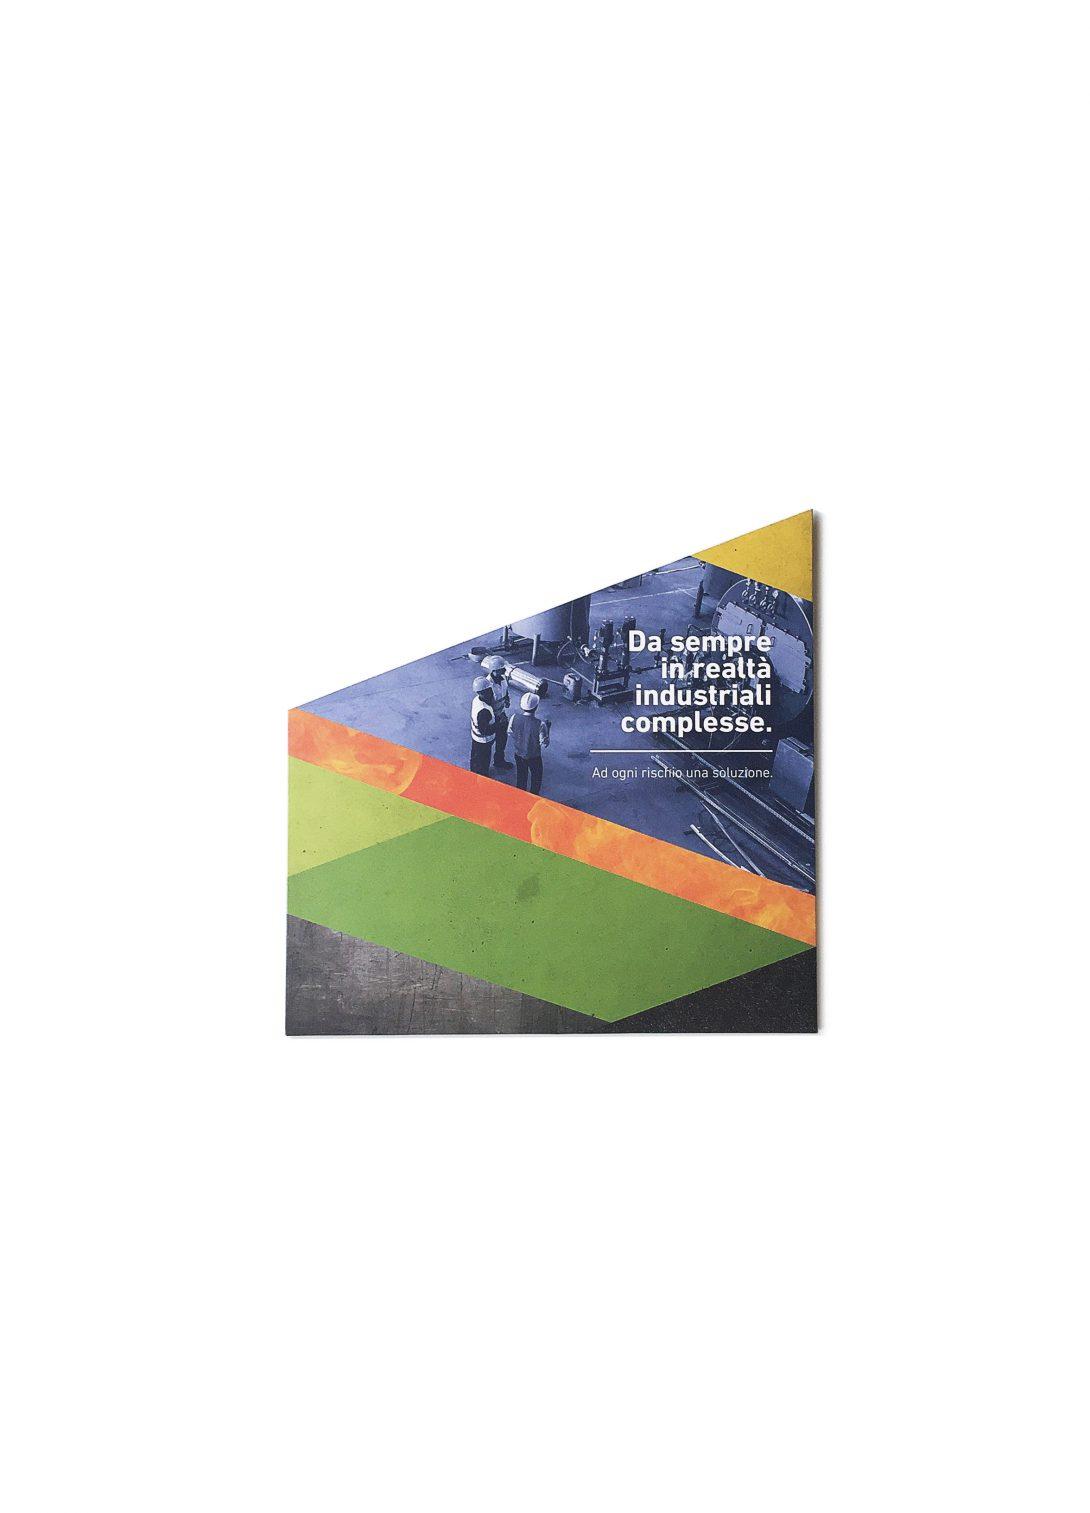 Brochure, Stnr, Marghera, Venezia, grafica, padova, graphicdesign, design, progetto, layout, artdirection, agenzia,